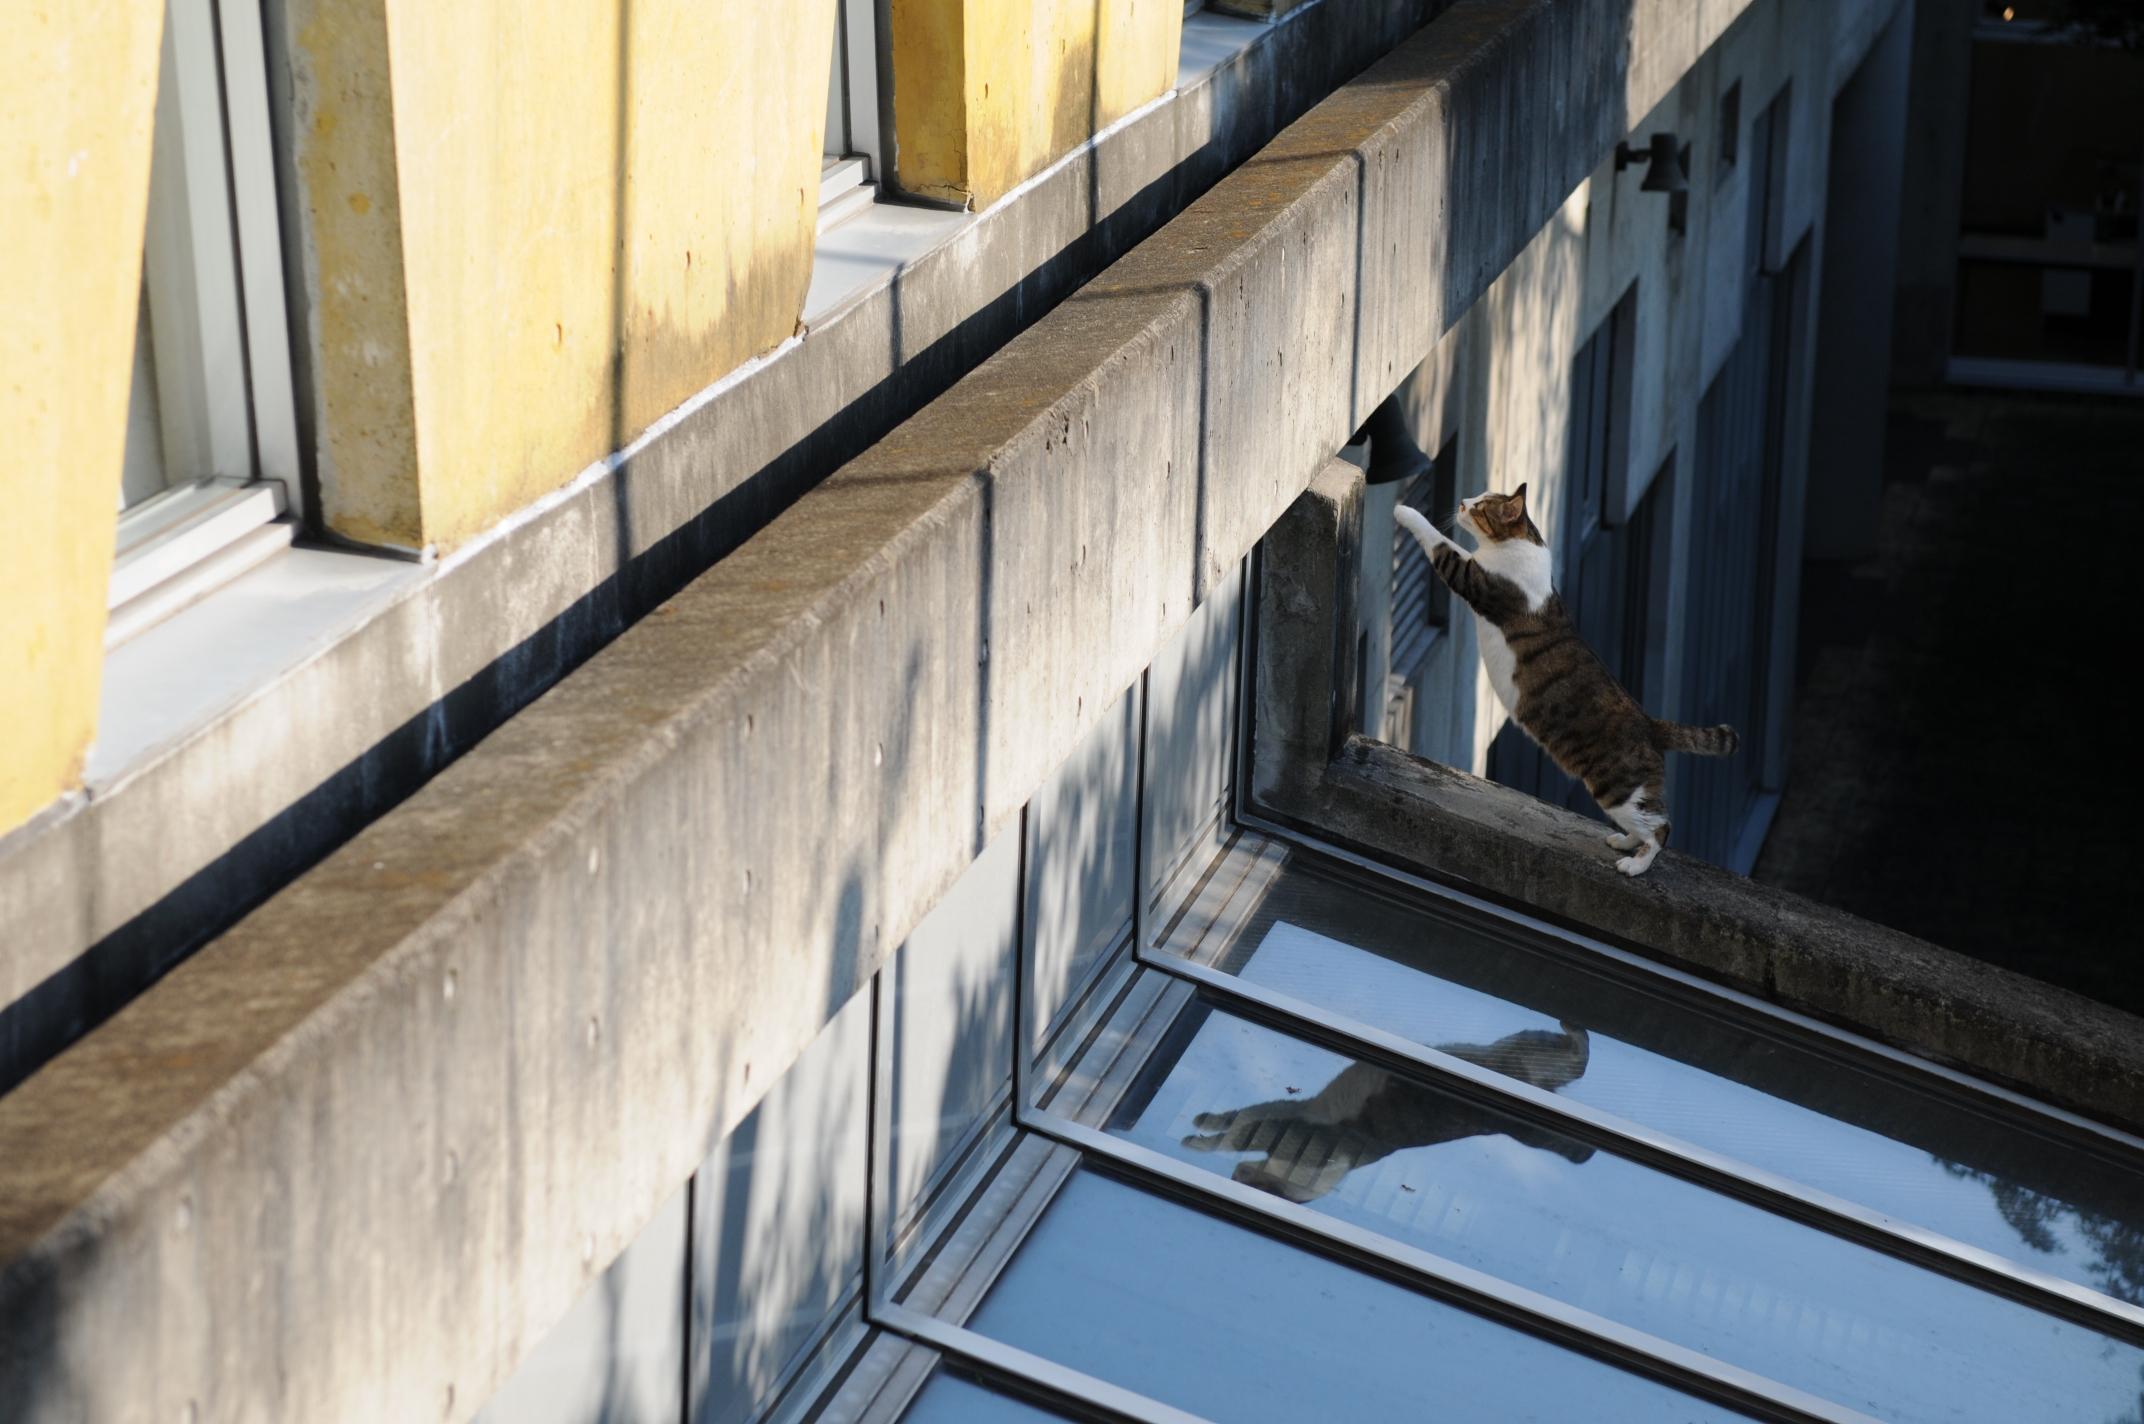 tekir-kedi-kacmis-patiliyo-kediler-hayvanlar-alemi